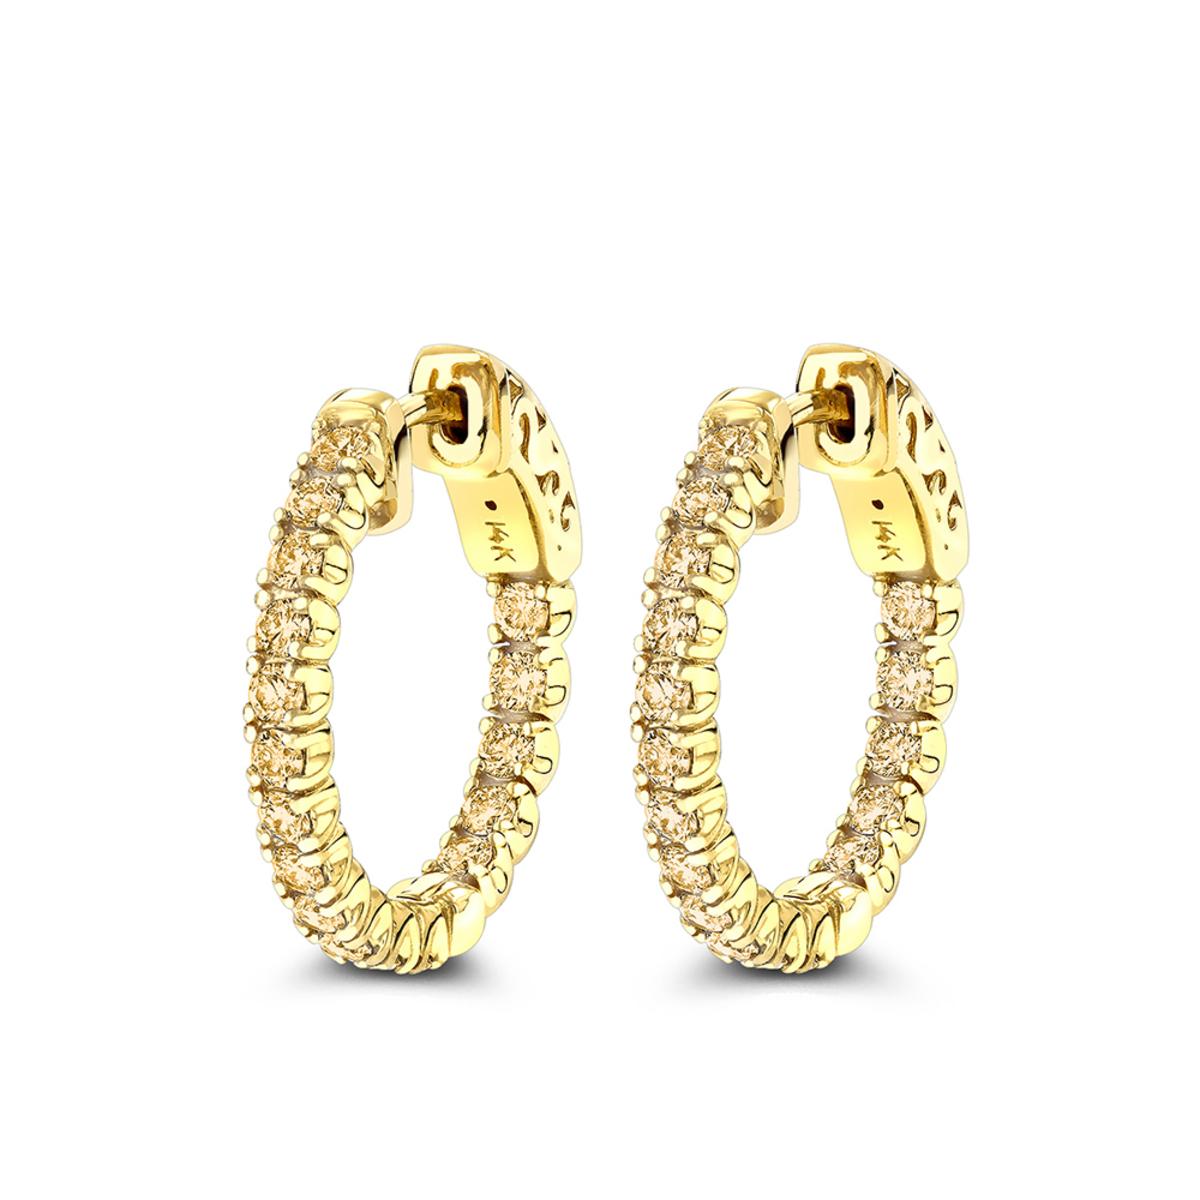 14K Gold 3/4in Inside Out Yellow Diamond Hoop Earrings 1 Carat by Luxurman